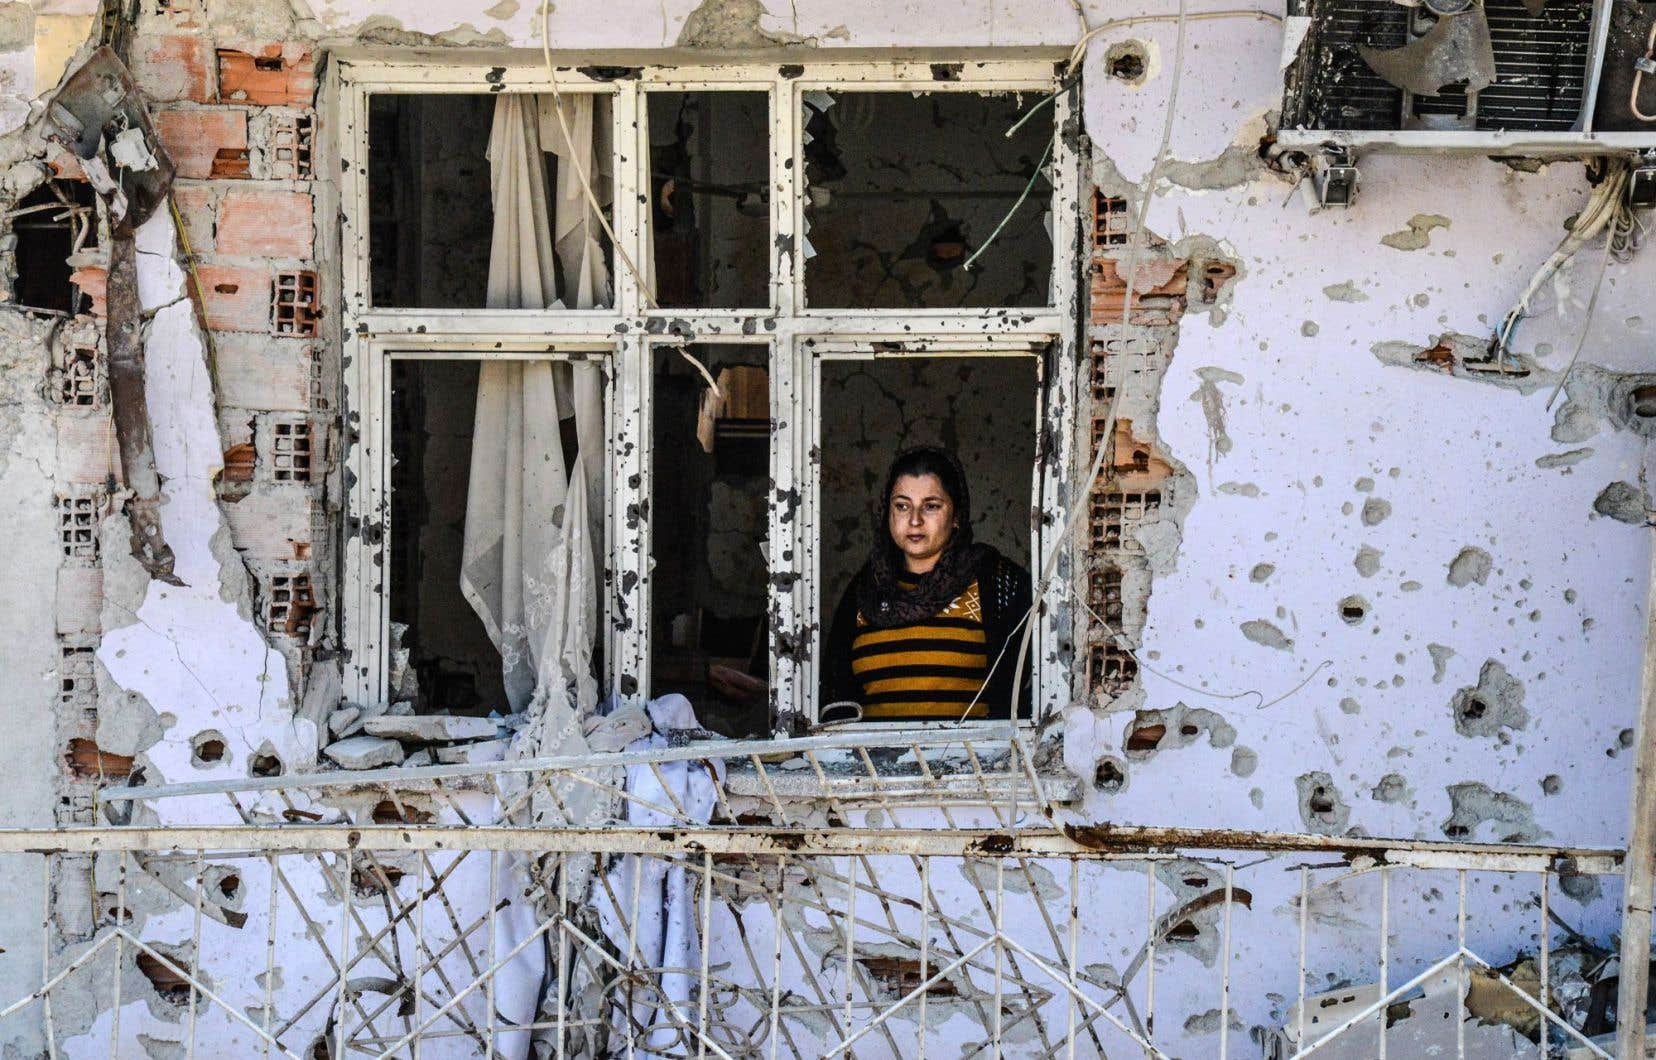 Des quartiers entiers de Cizre ont été anéantis à la suite des combats entre le Parti des travailleurs du Kurdistan (PKK) et les forces de sécurité turques.